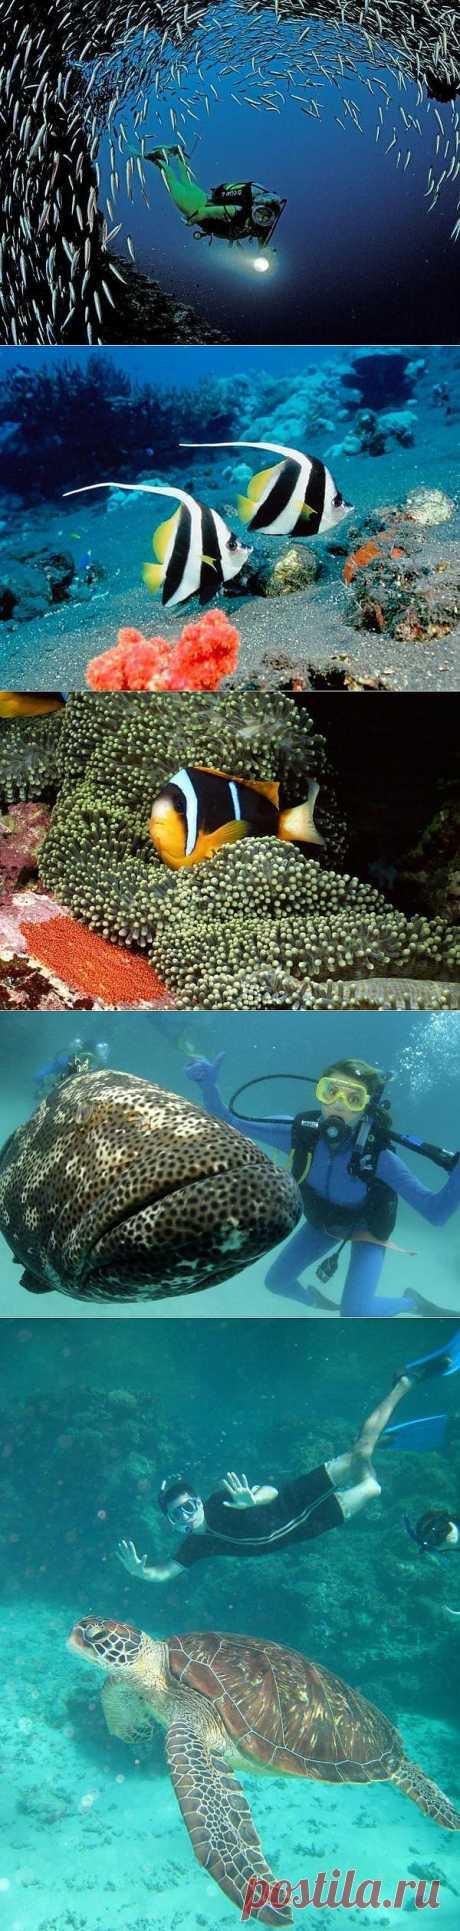 Большой барьерный риф Австралии (43 фотографии) | Webpark.ru